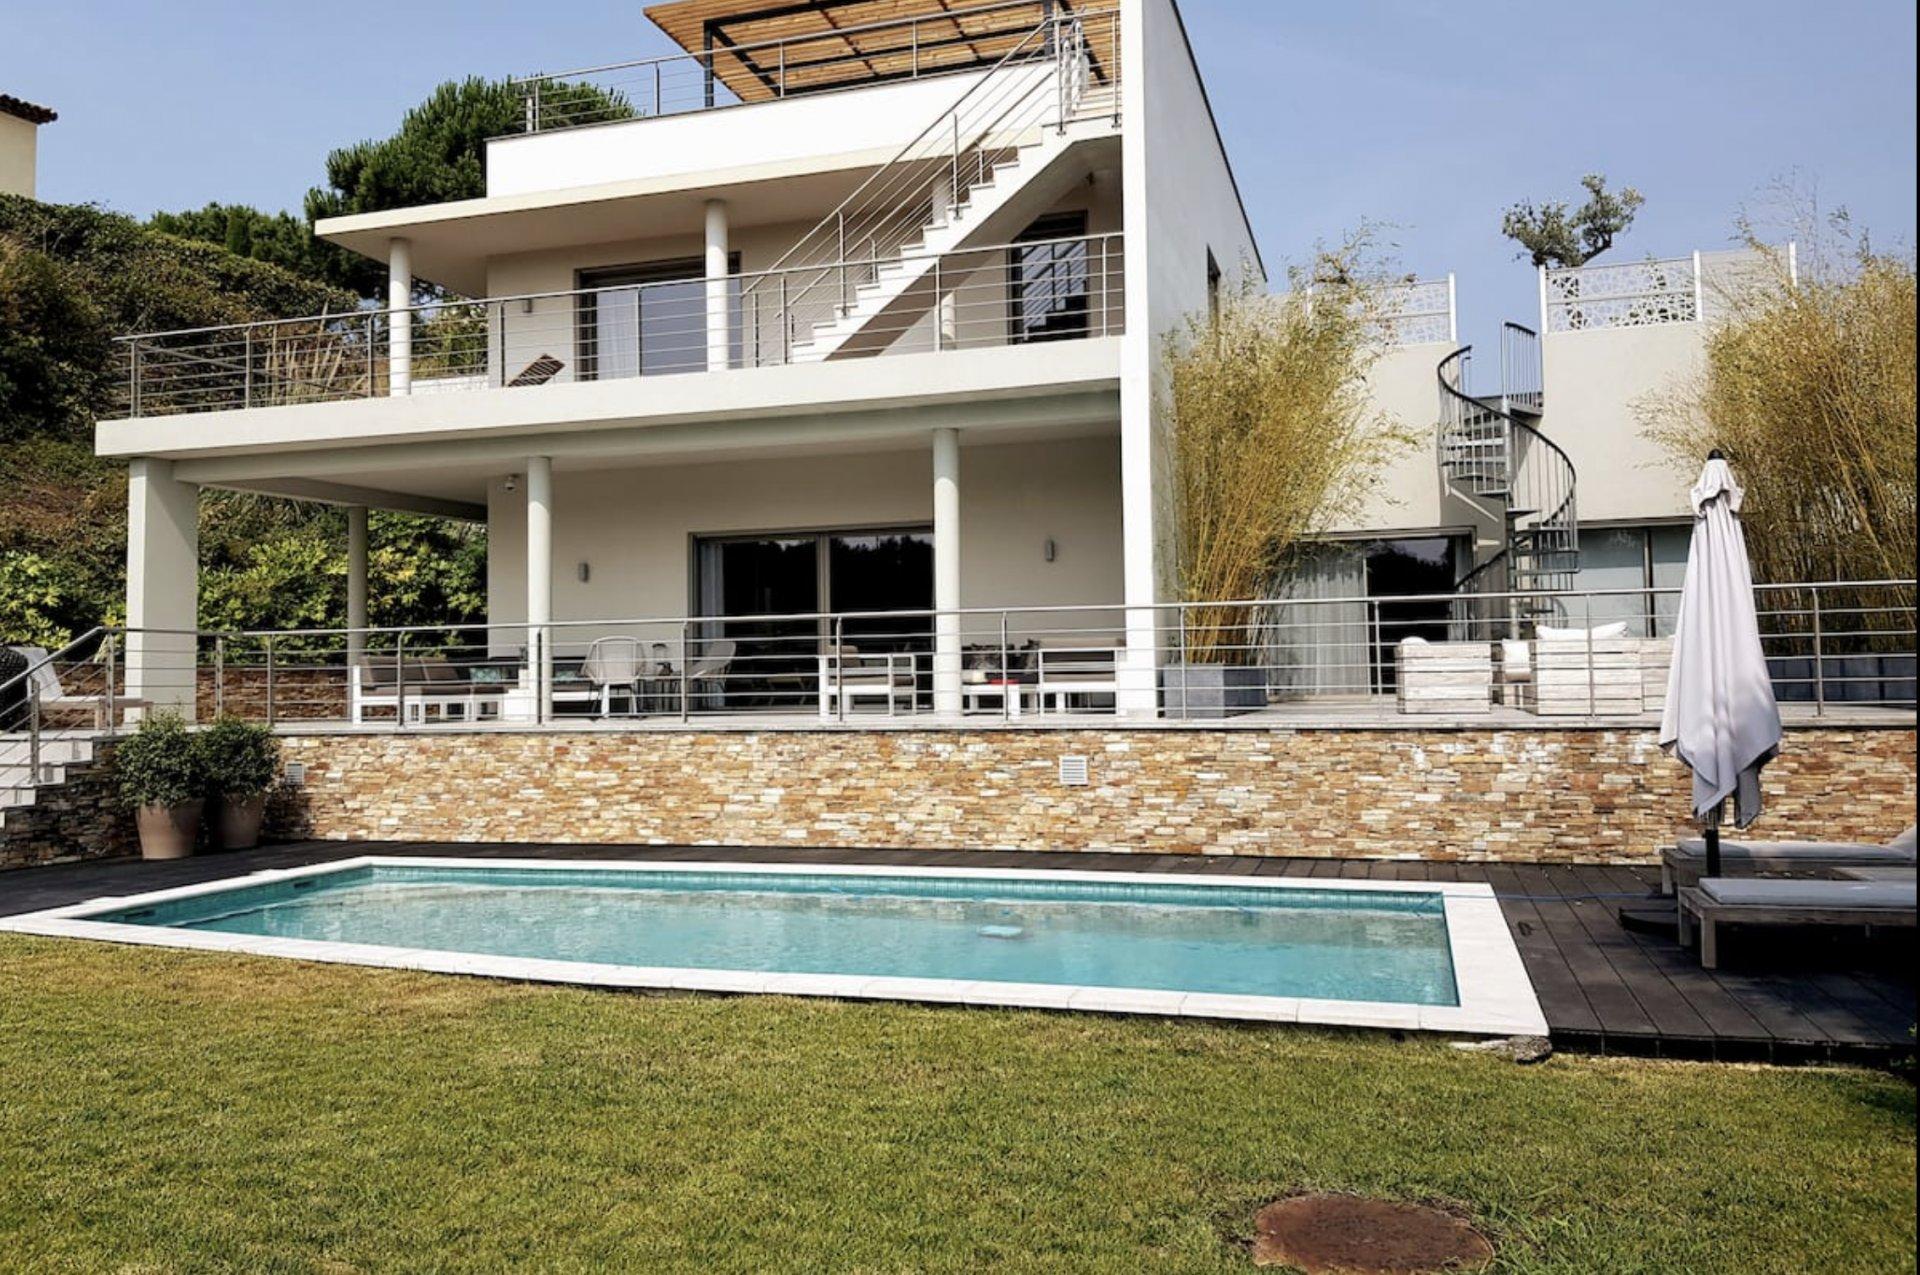 """Villa en location saisonnière - Cannes """"Croix des Gardes"""""""